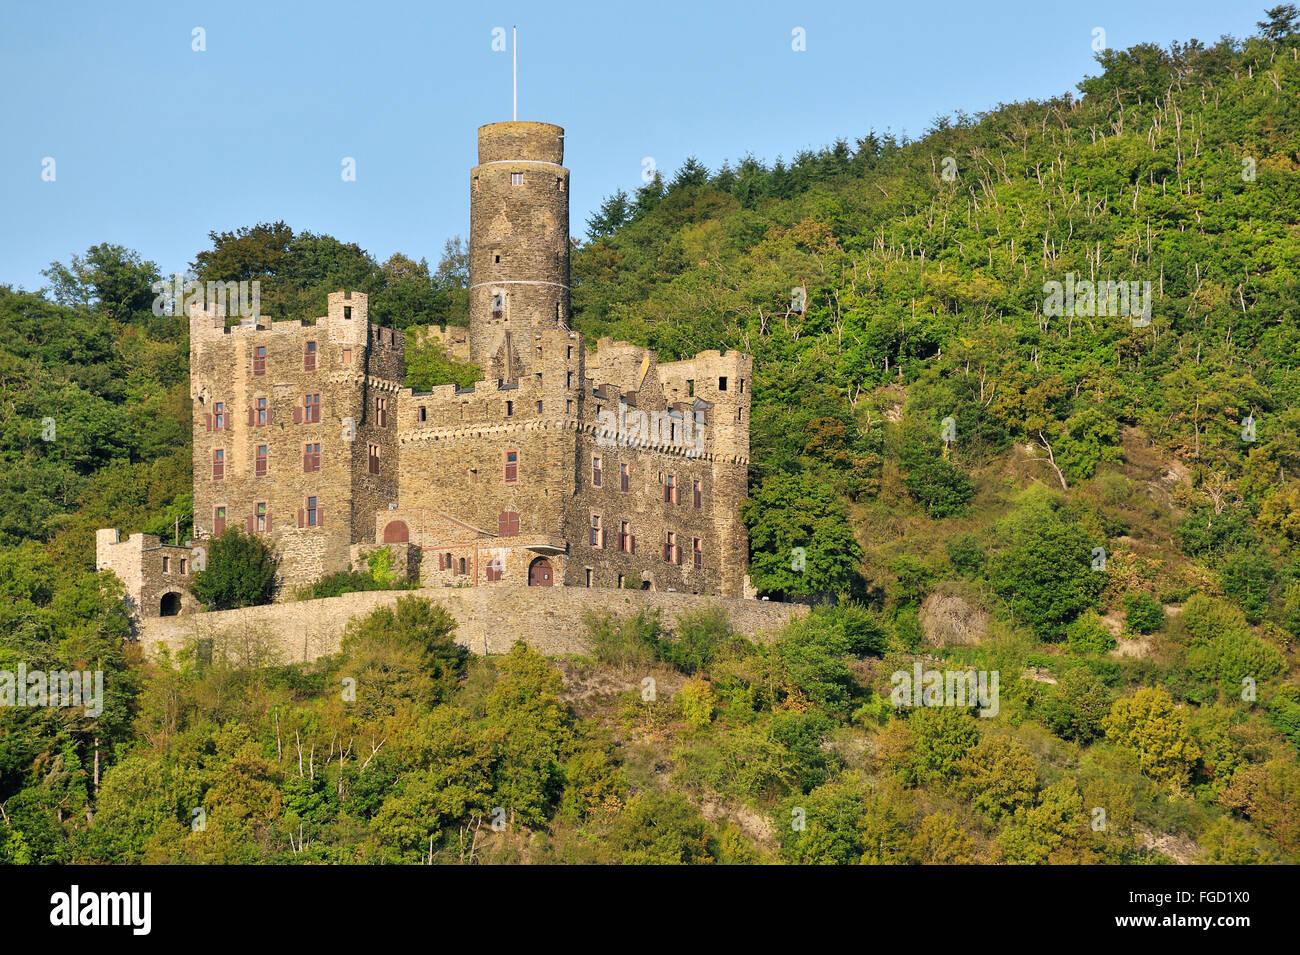 Maus-Burg über dem Dorf Wellmich, nahe der Stadt Sankt Goarshausen, Oberes Mittelrheintal, Deutschland Stockbild